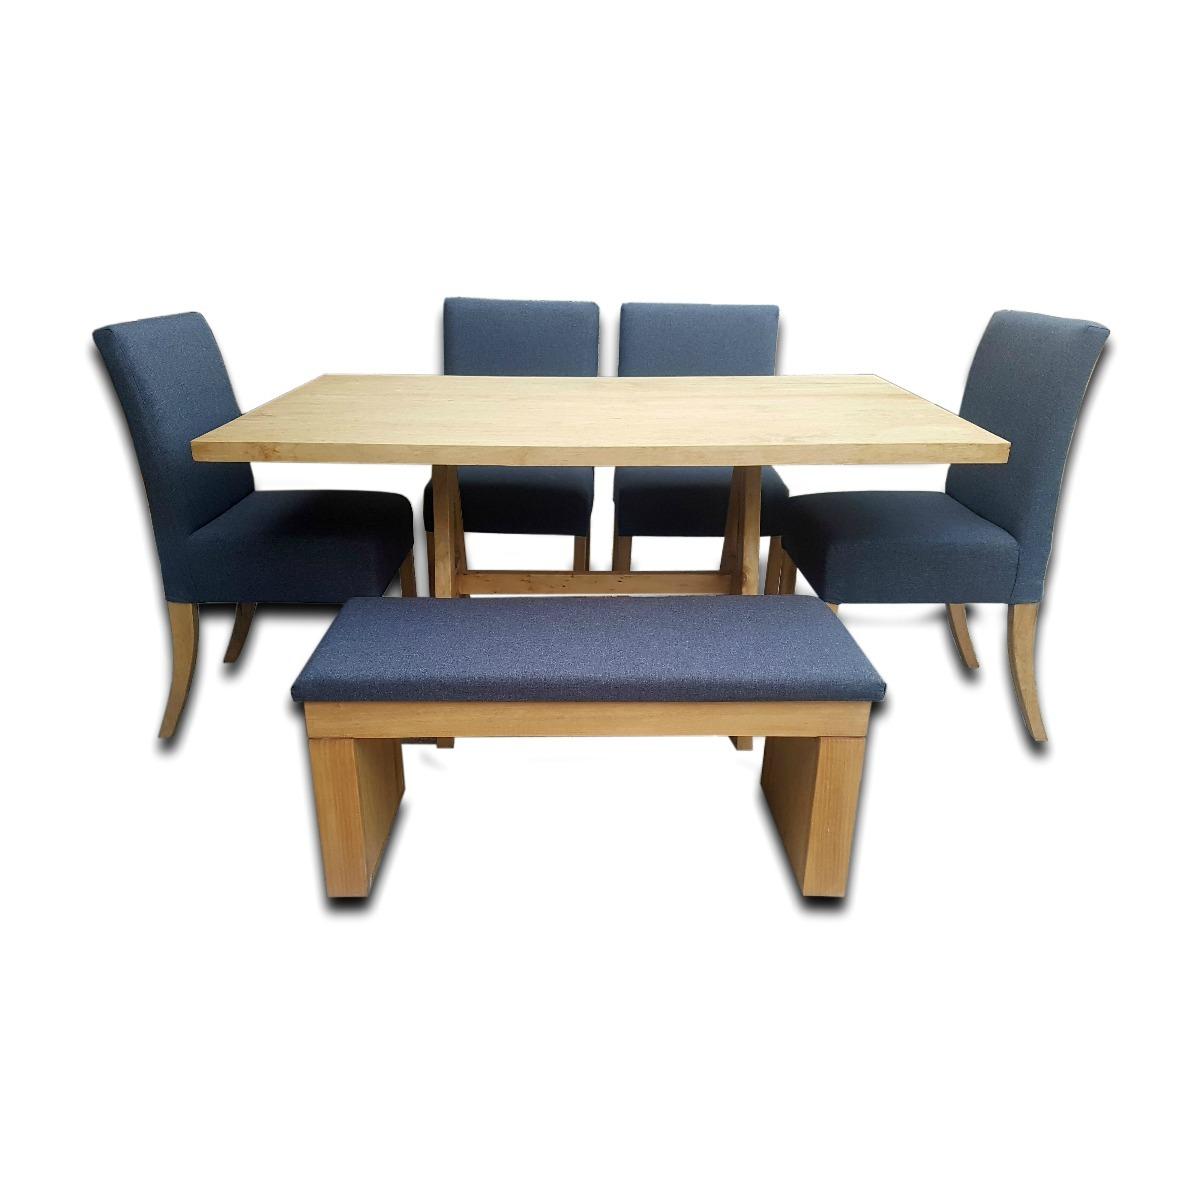 Comedor moderno con banca para 6 personas de madera vr for Comedores modernos con banca